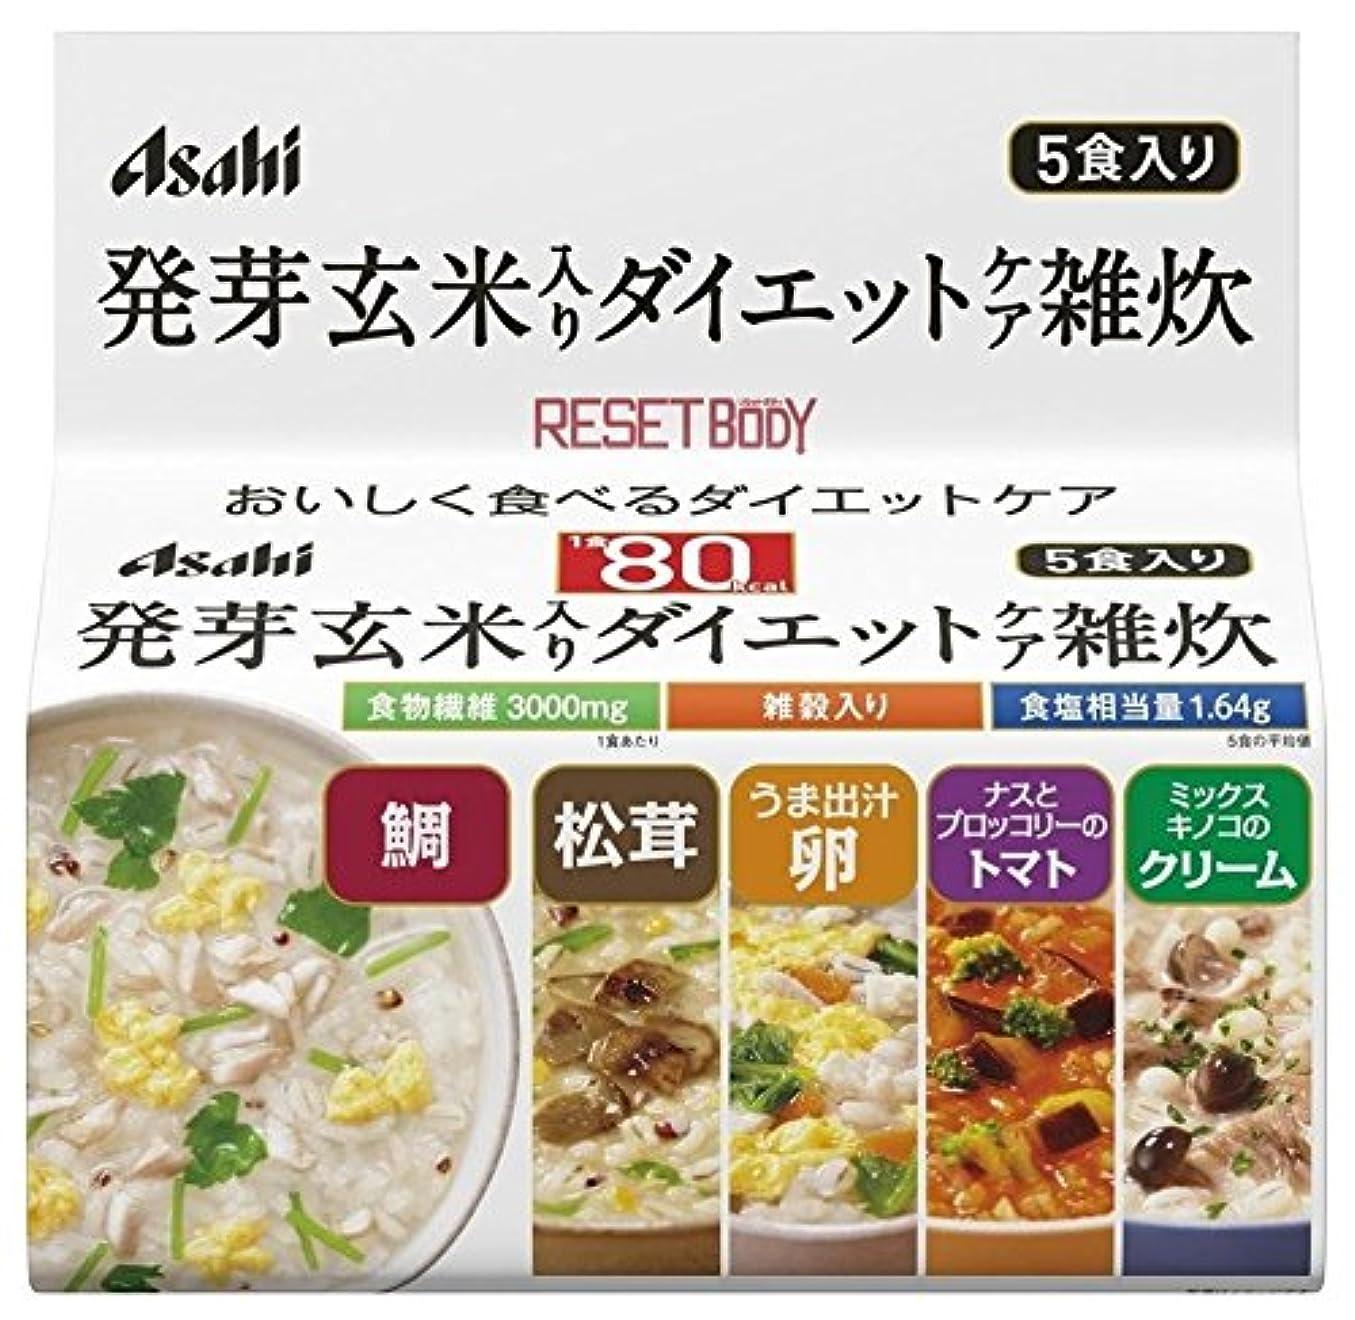 バーガーずっとすみませんアサヒグループ食品 リセットボディ 発芽玄米入りダイエットケア雑炊 5食